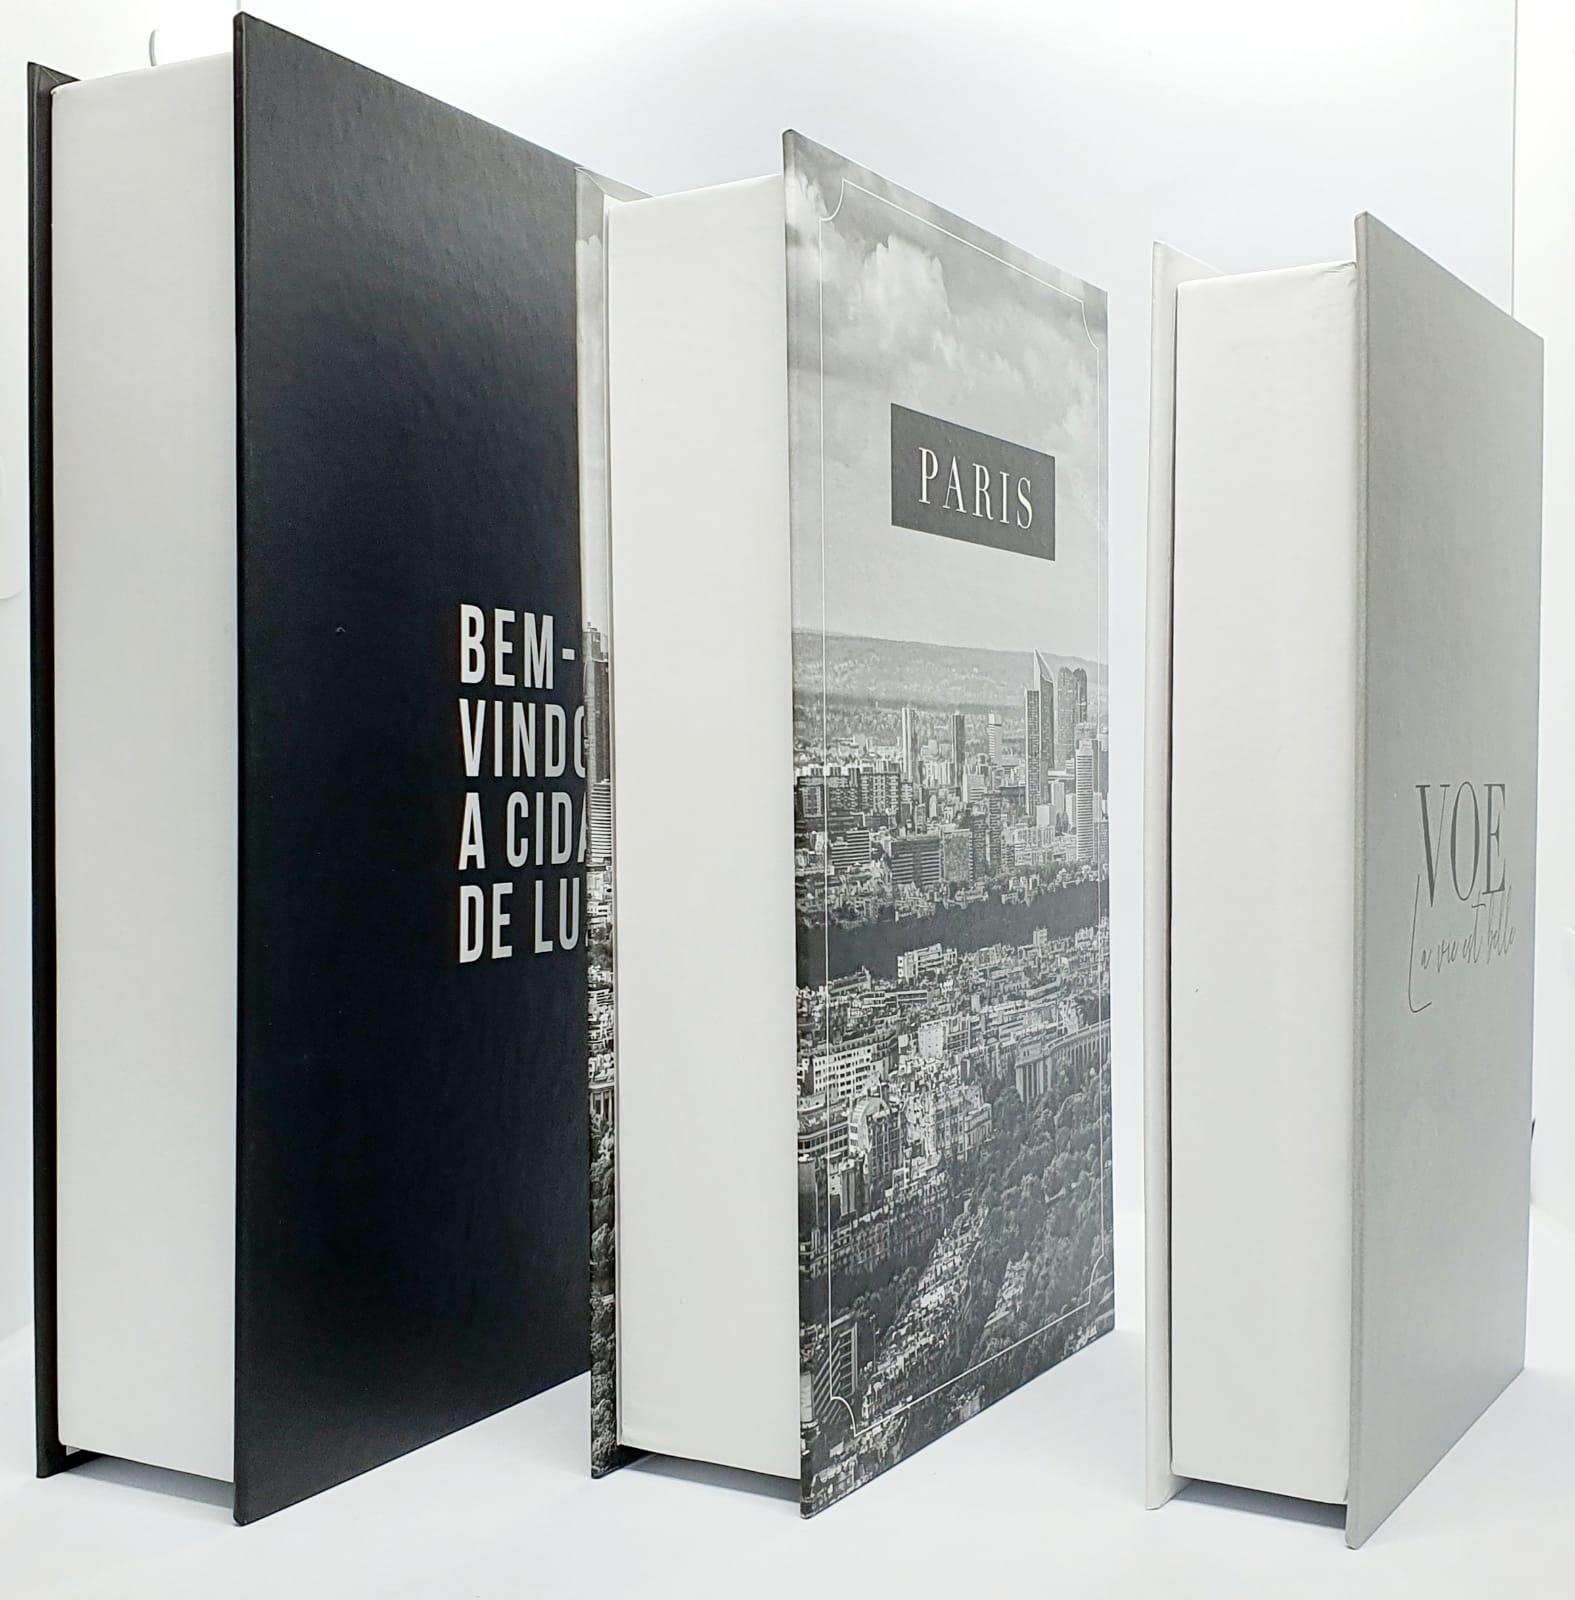 Conjunto caixa decorativa - BEM VINDO A CIDADE LUZ - 3 peças